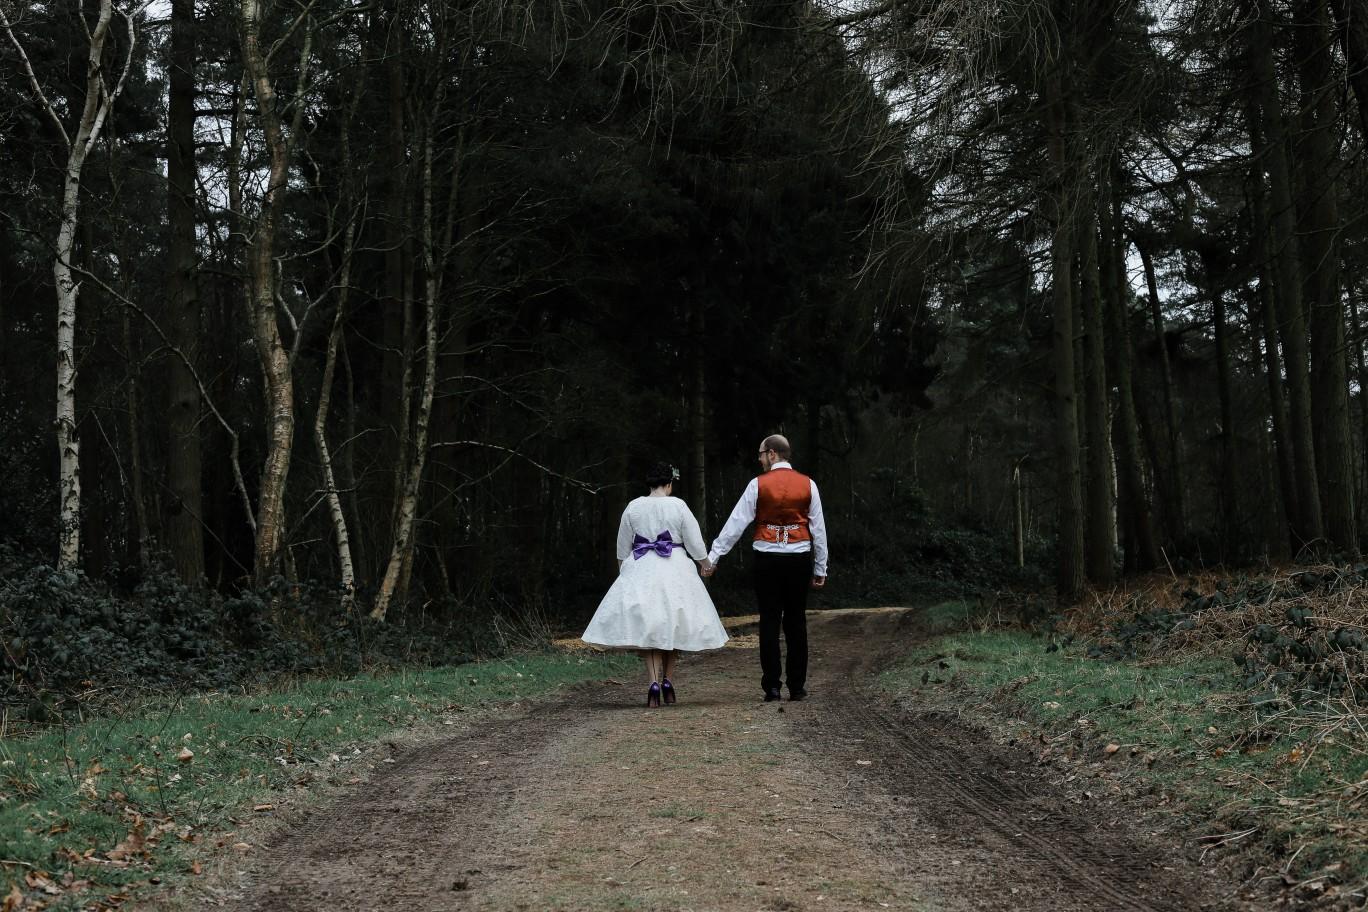 Becky Payne Photographer - Rainbow Unicorn Styled Wedding Shoot - Woods - Couple